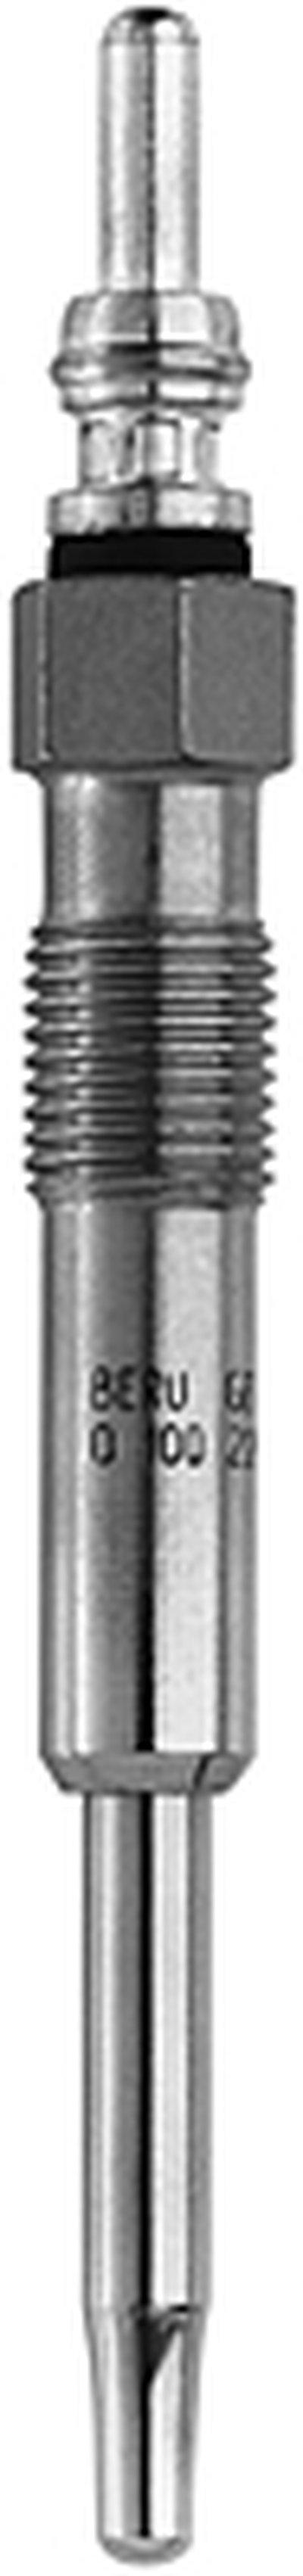 GN007 BERU Свеча накаливания